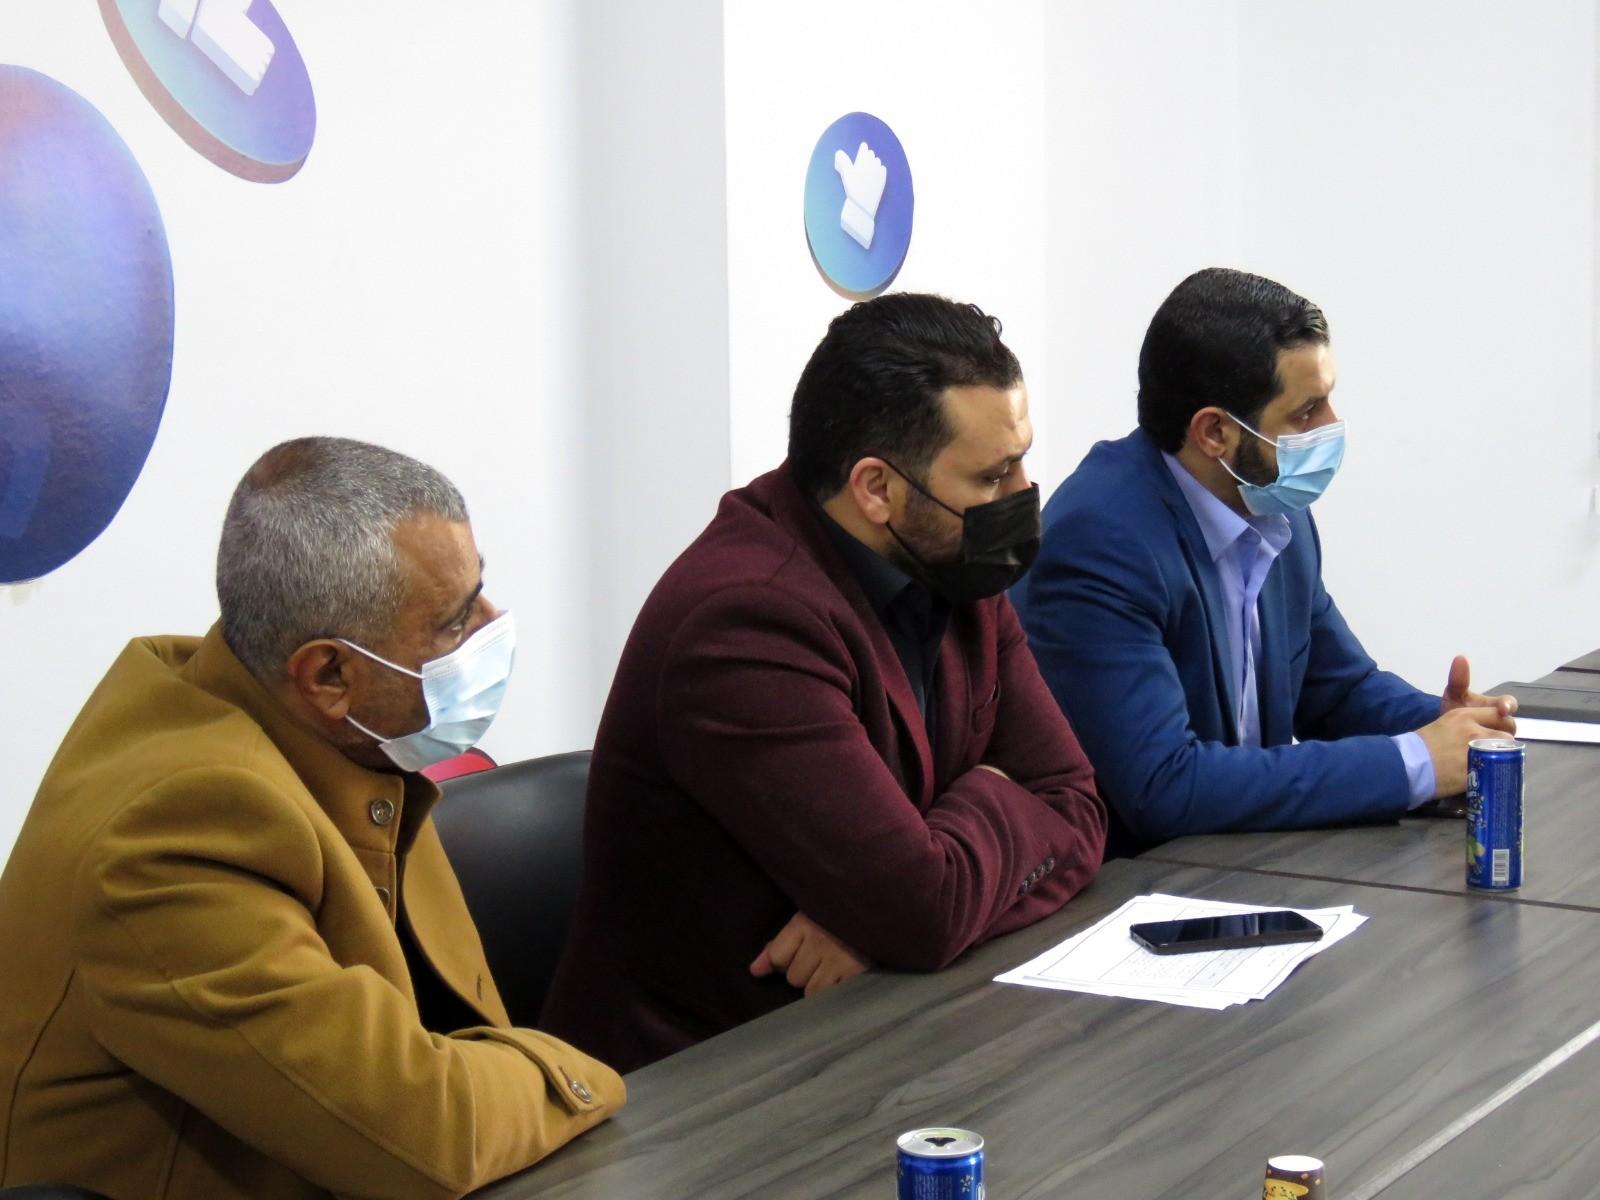 التجمع الاعلامي  خلال الزيارة لفلسطين اليوم